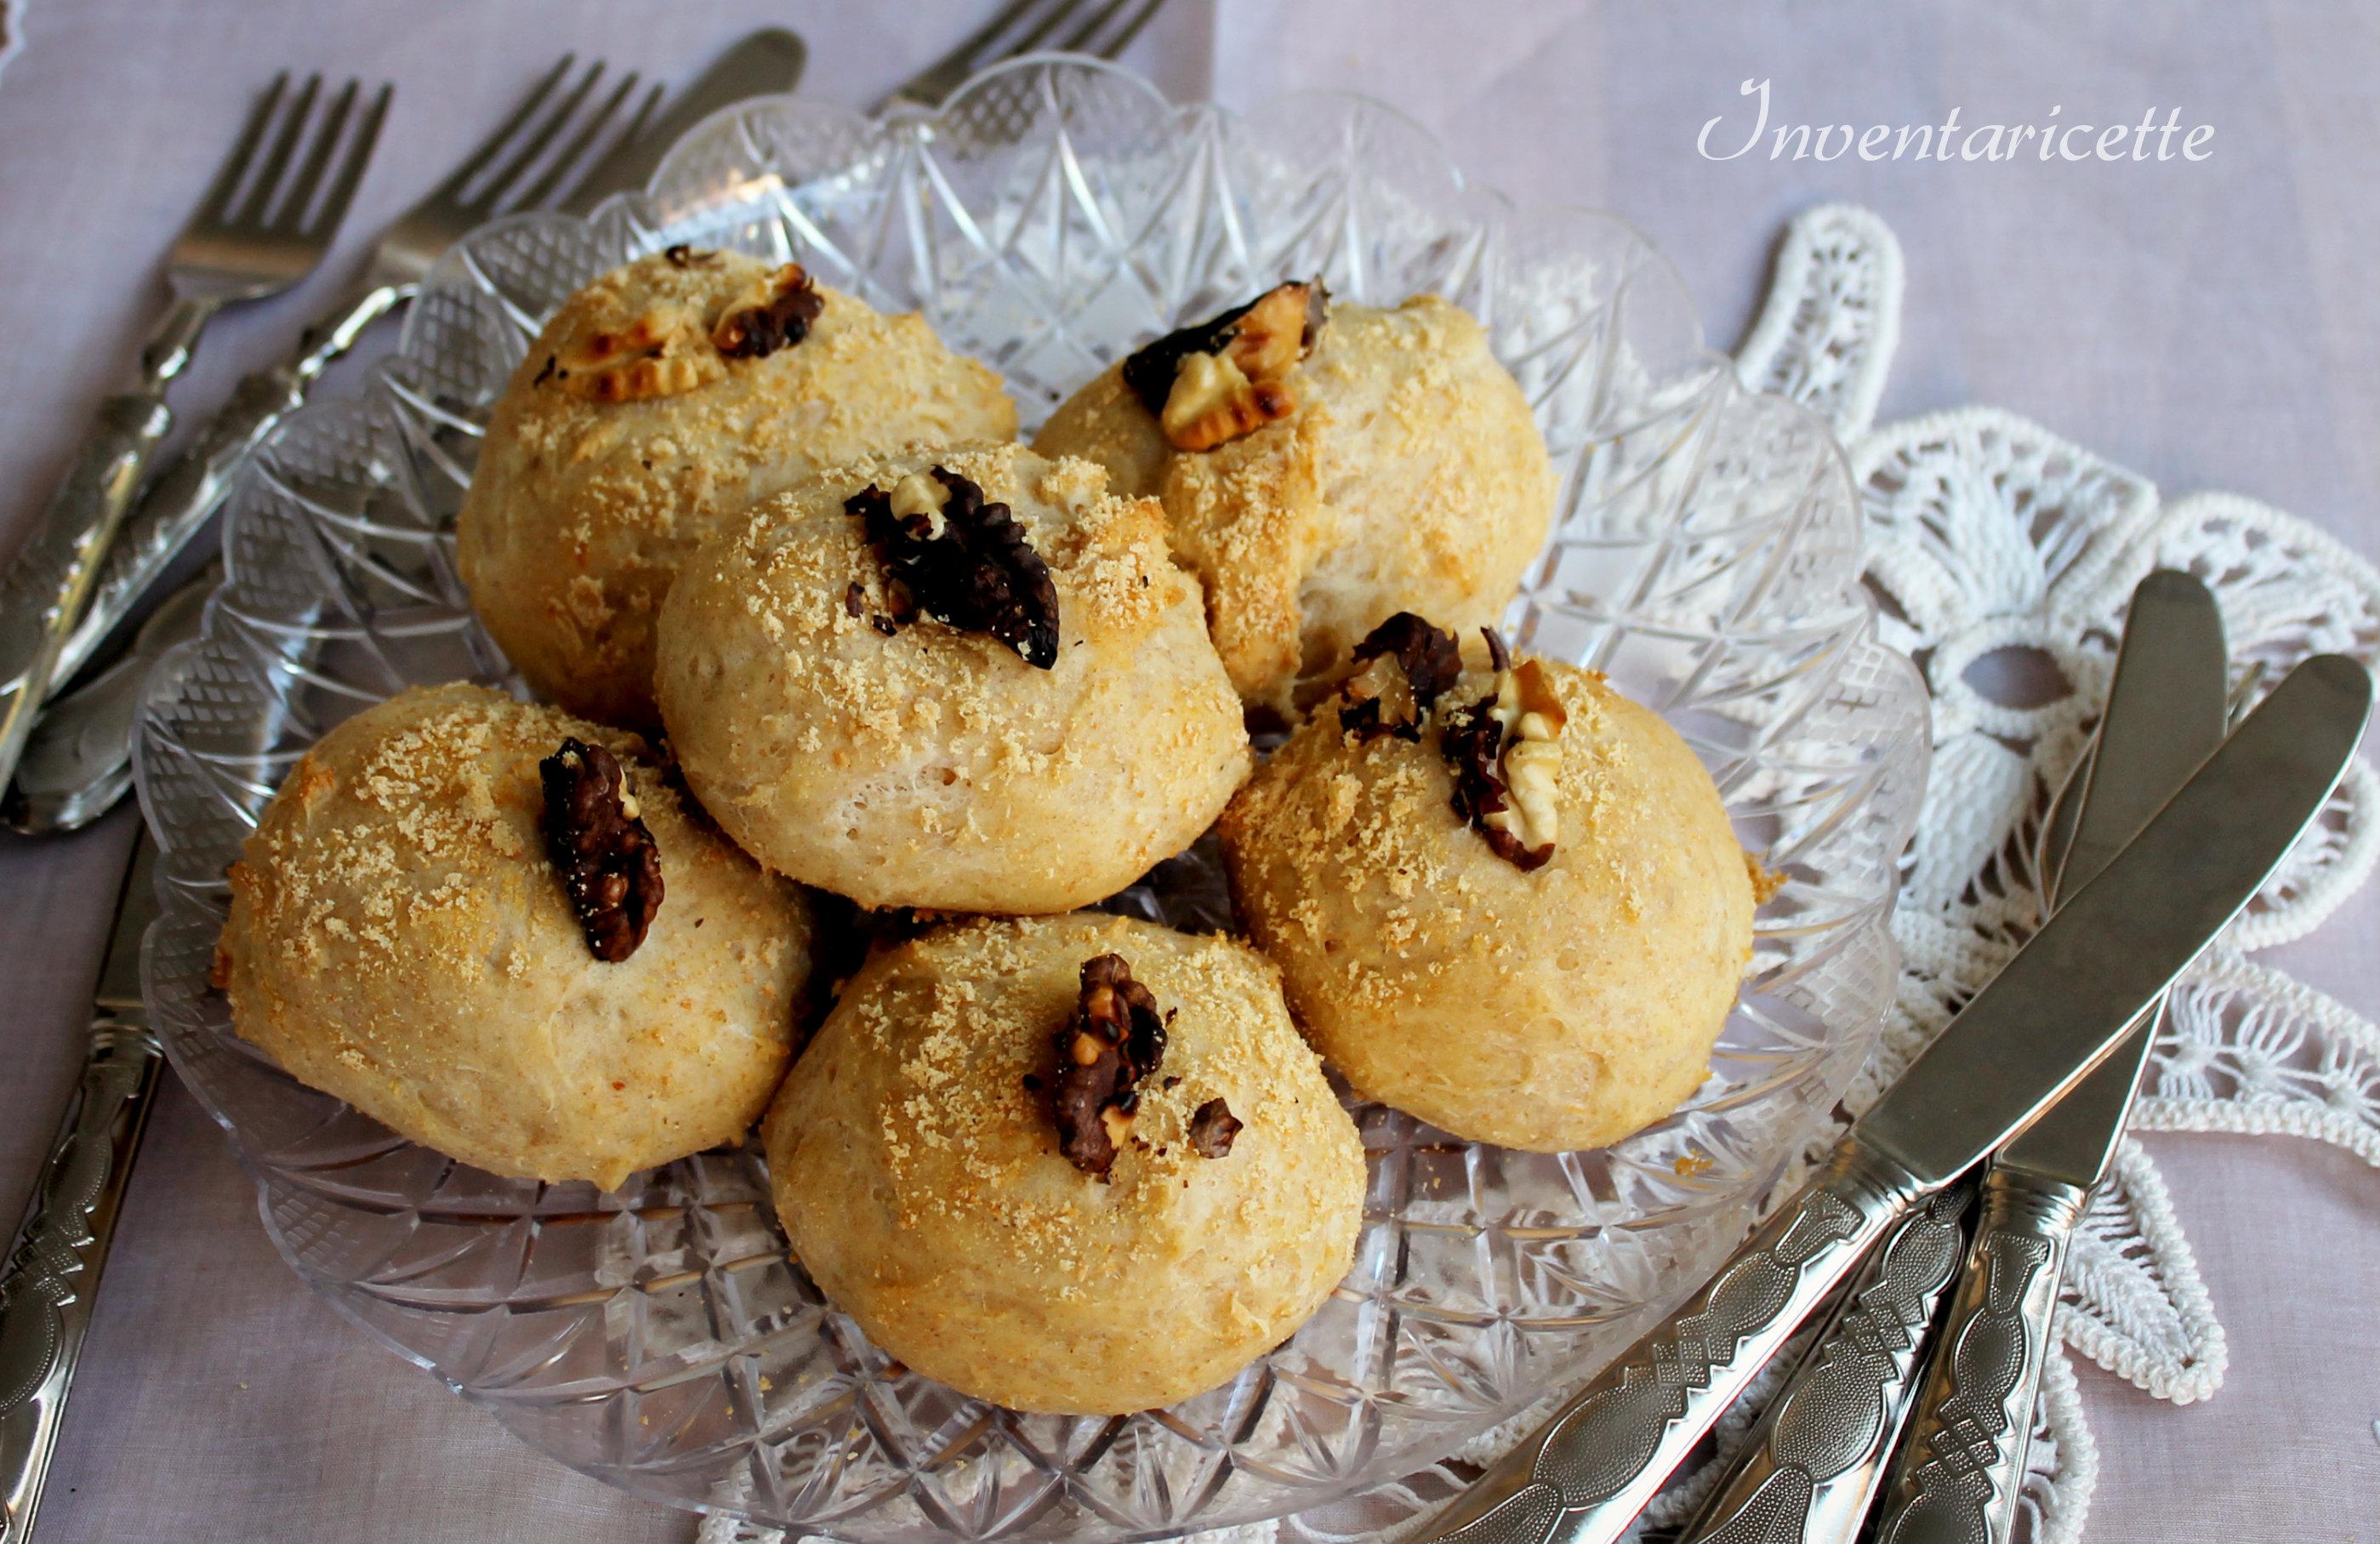 Panini integrali con noci e pecorino - Panini di pan brioche salato